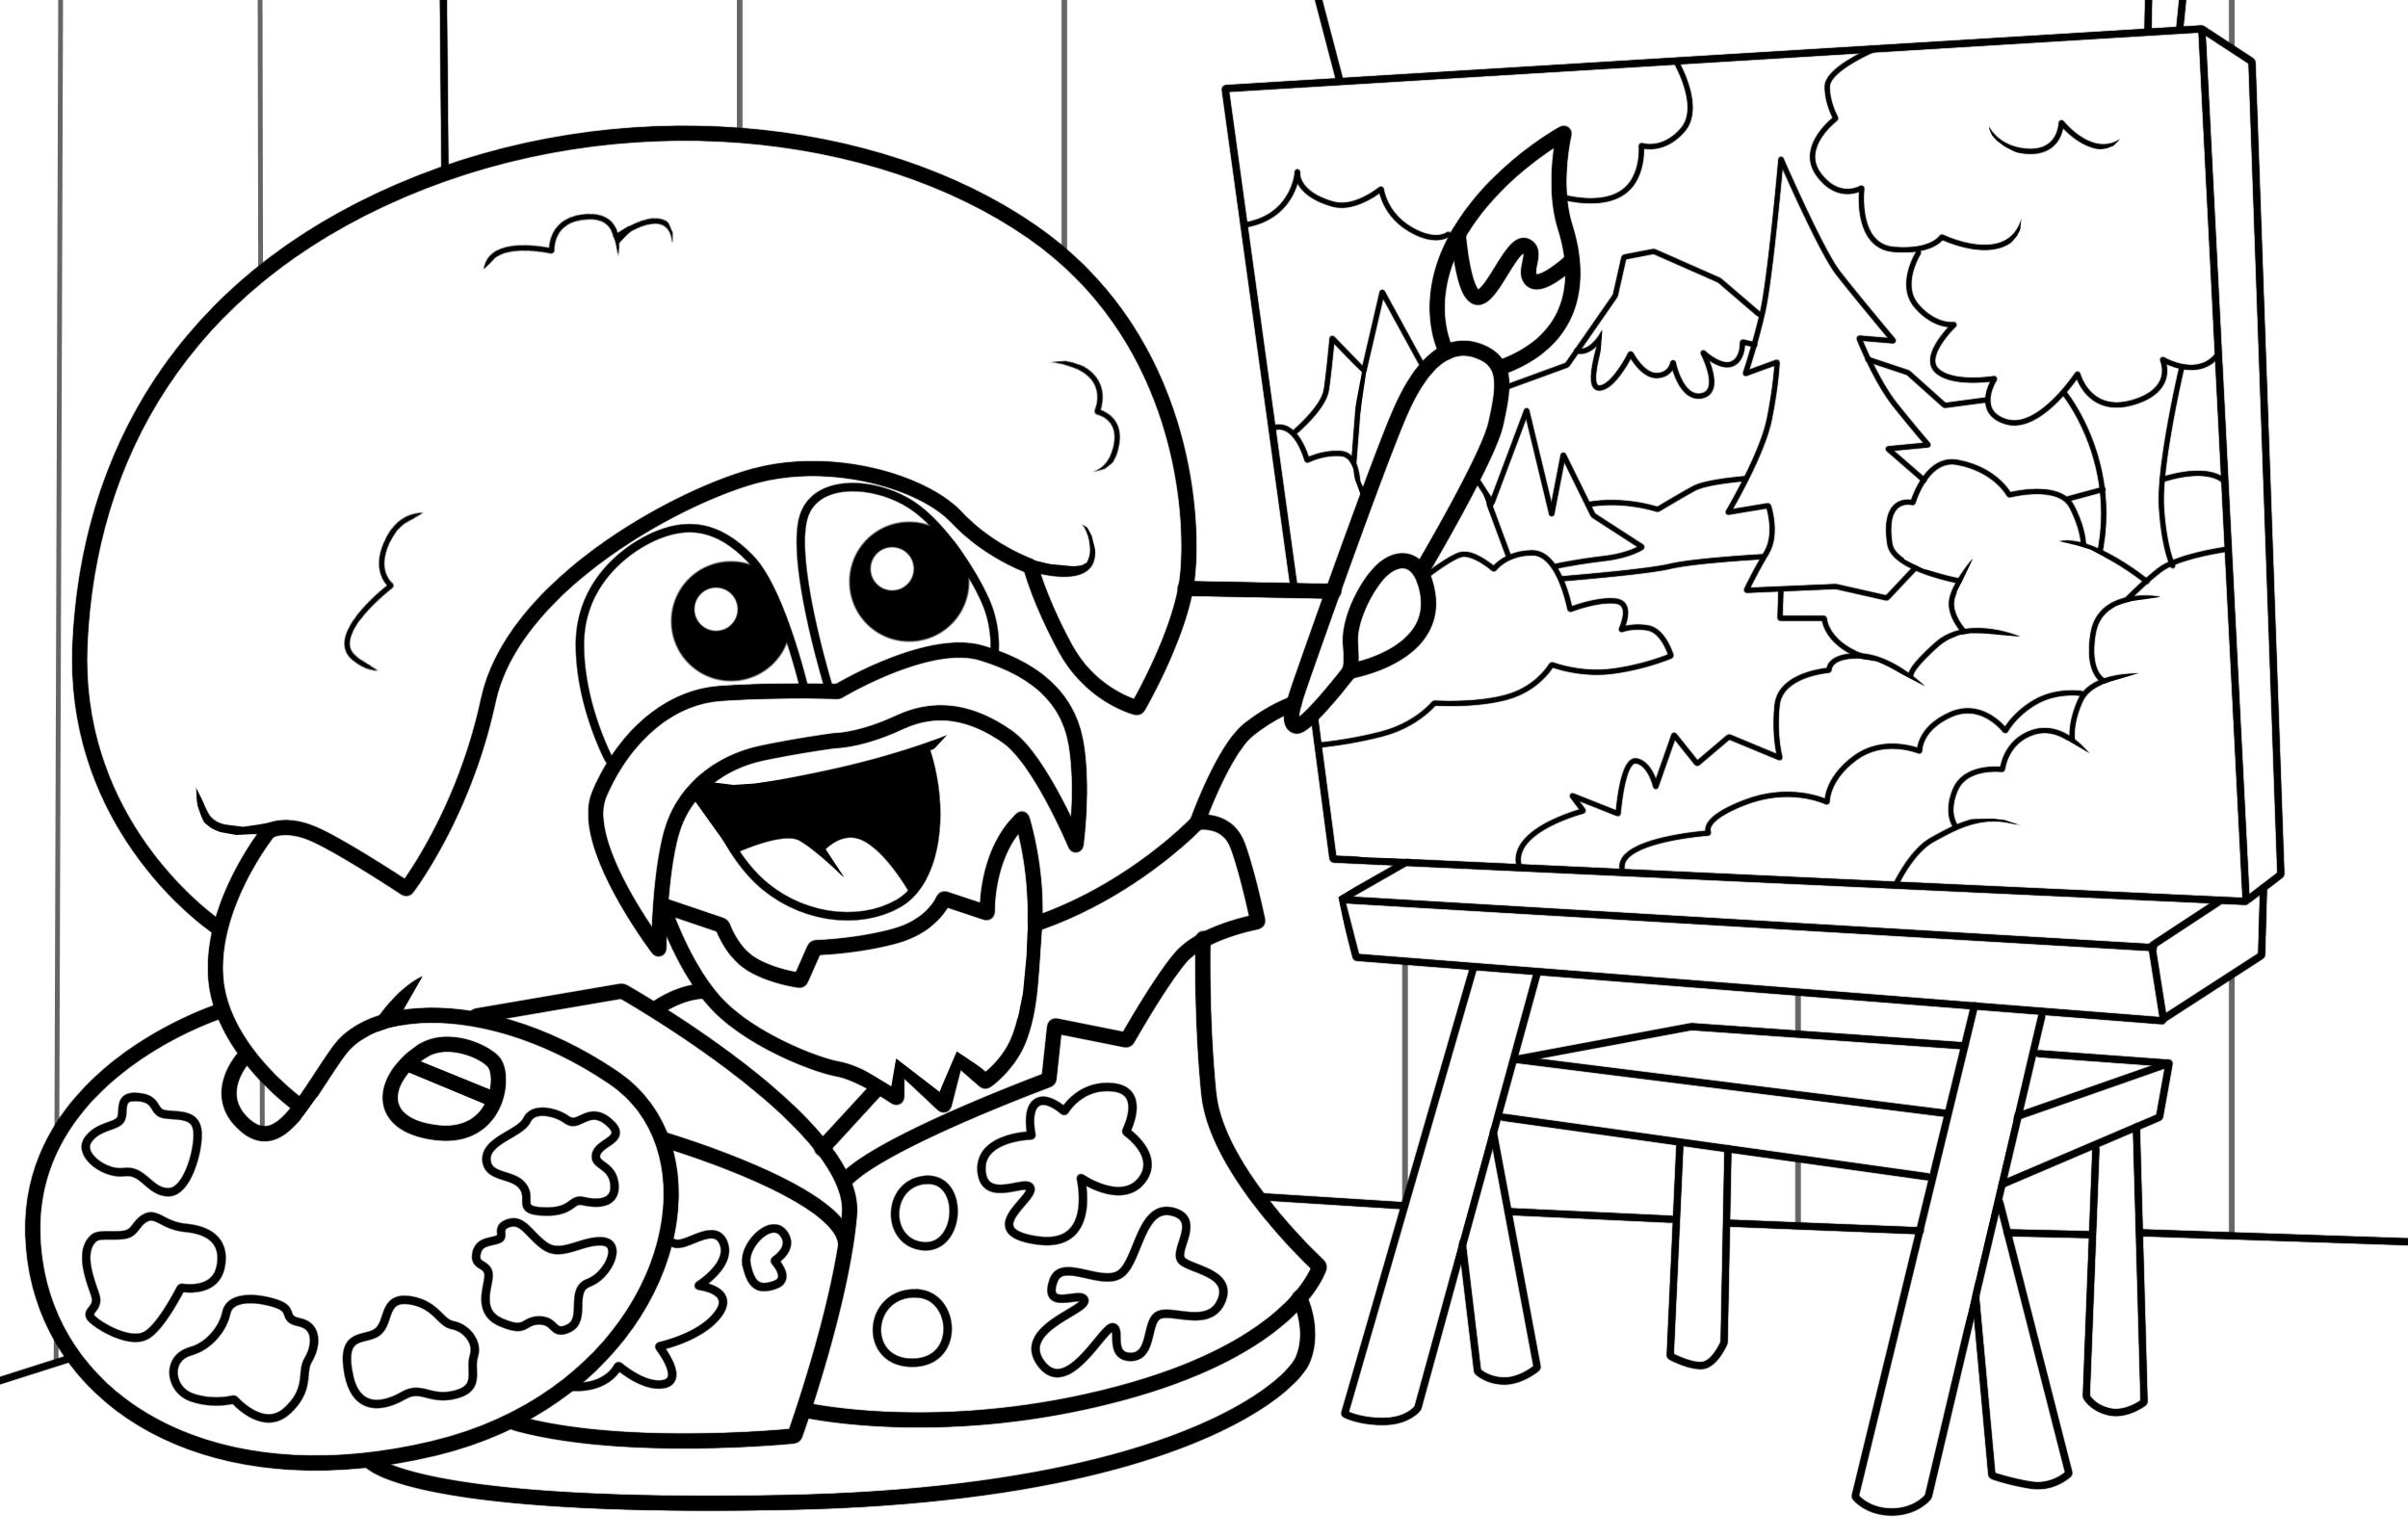 Briob coloring #4, Download drawings